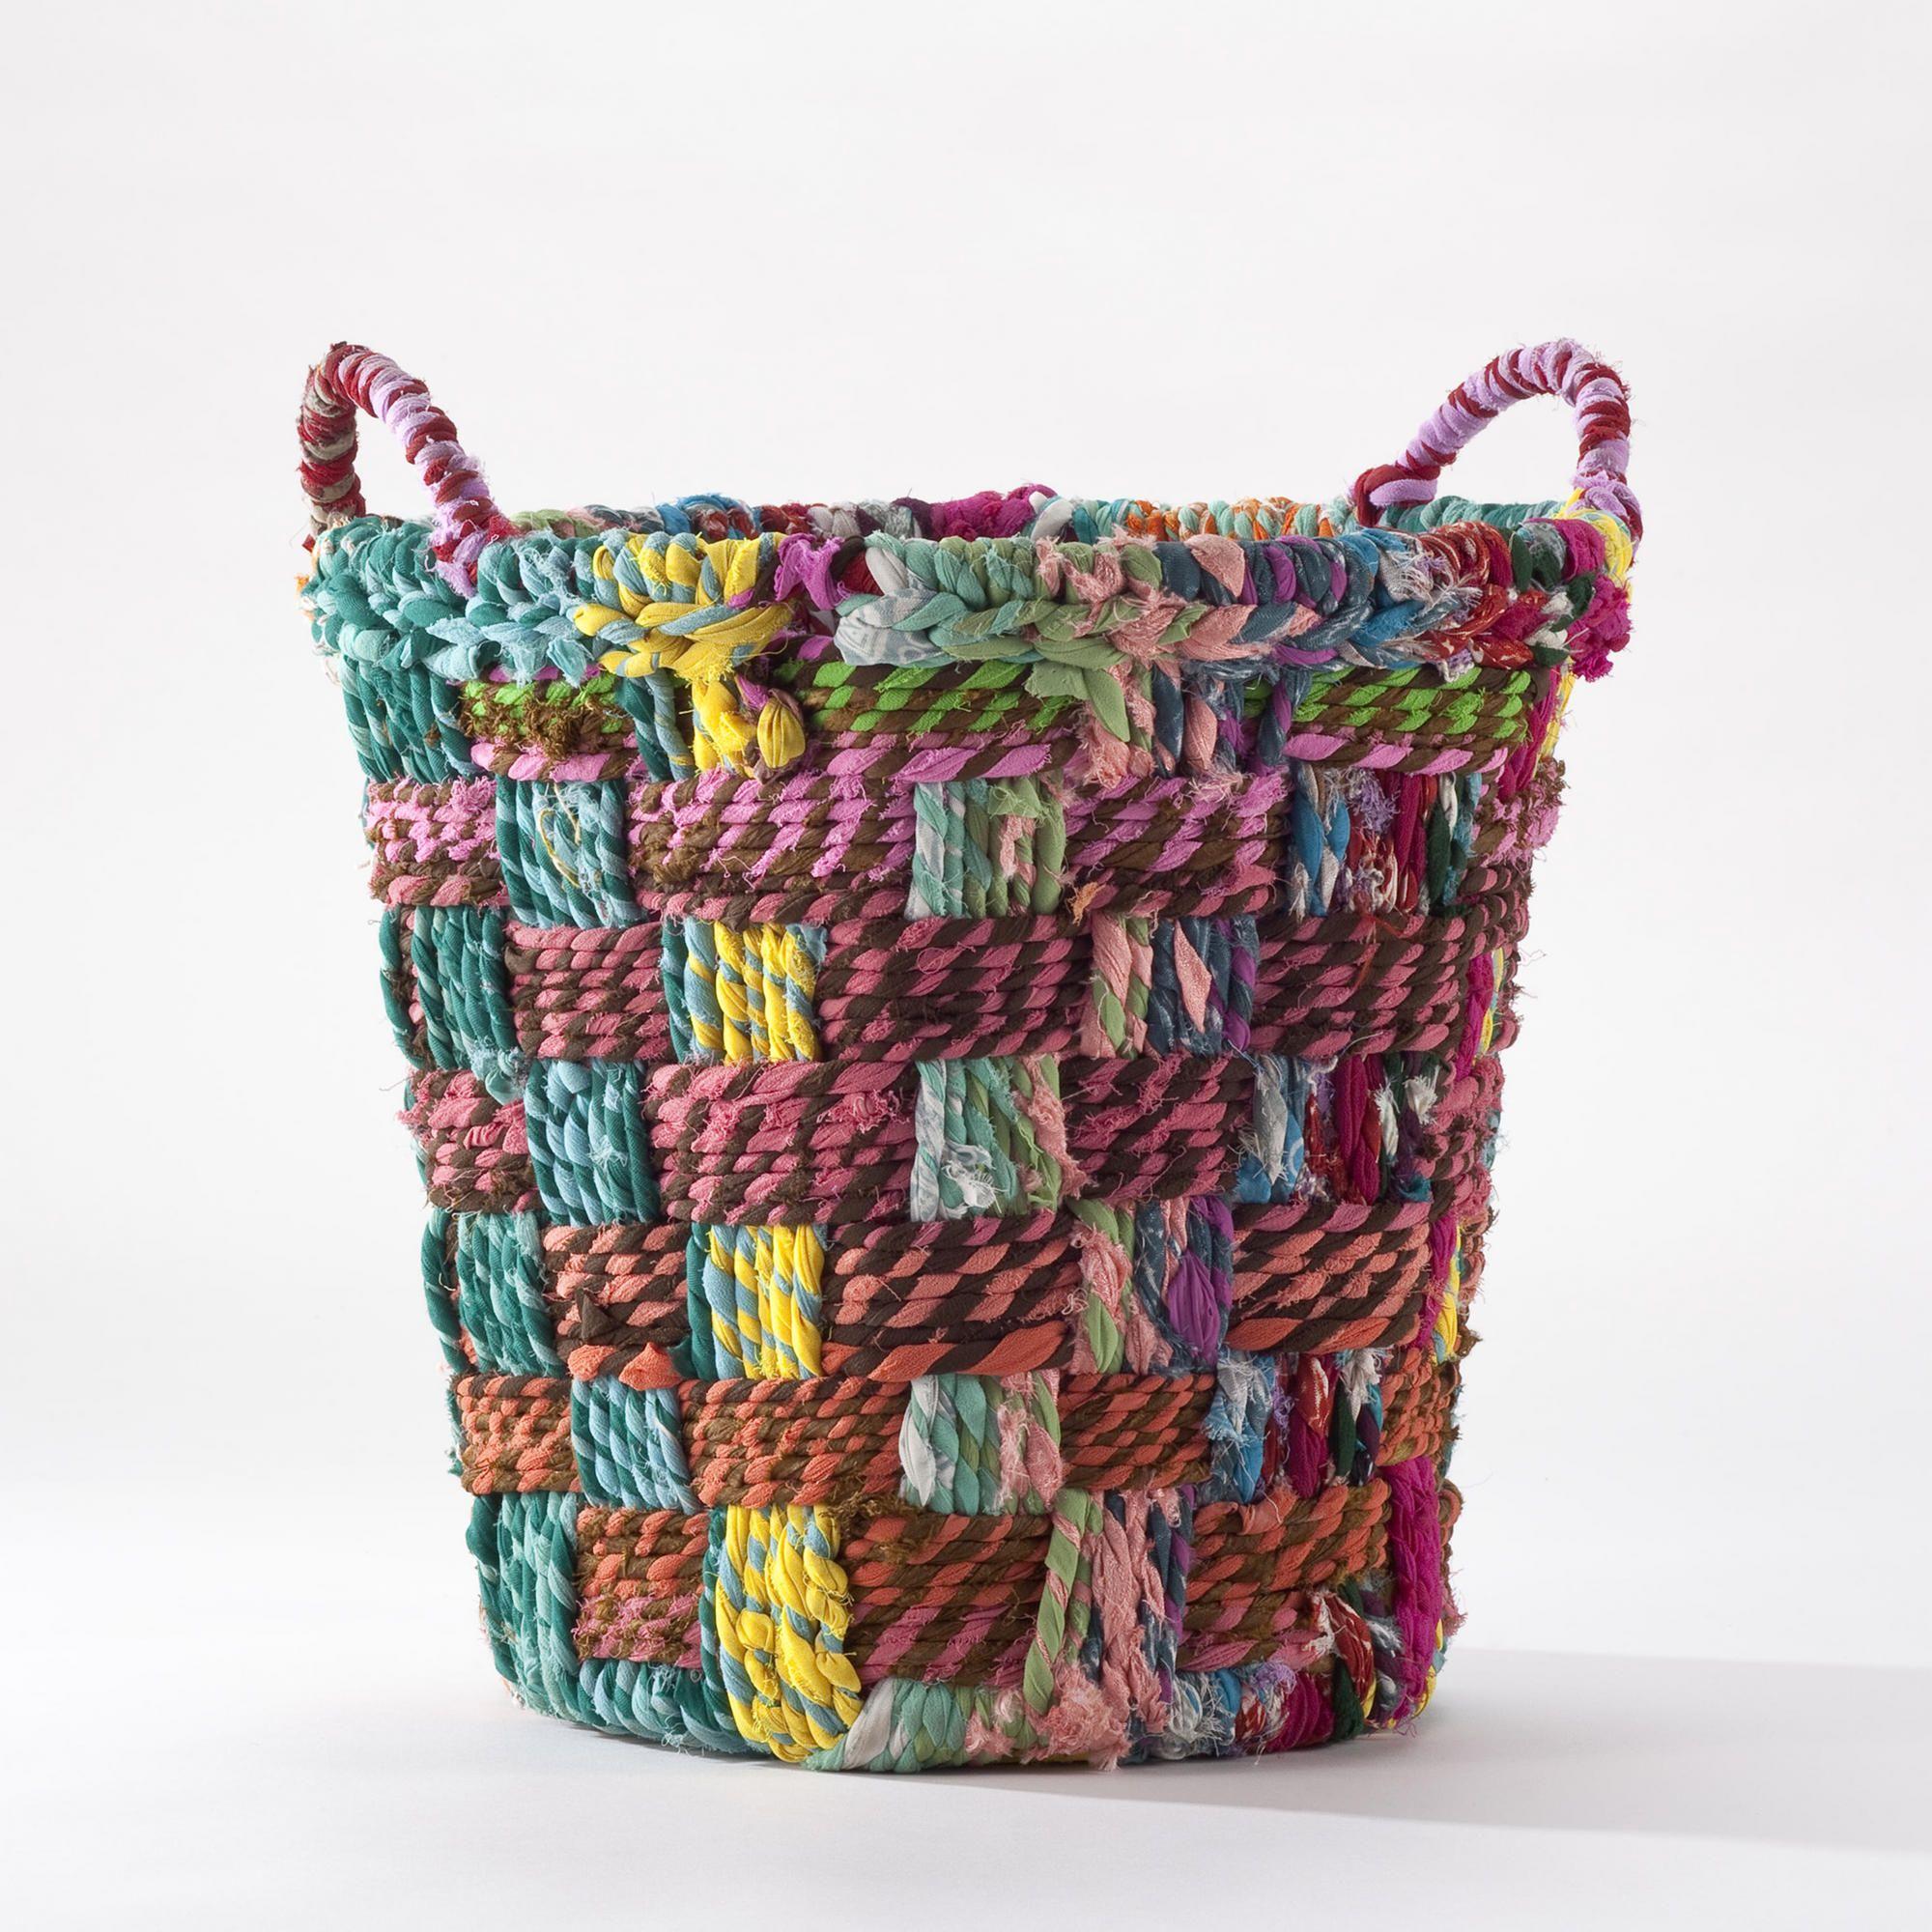 Small Round Chindi Basket | World Market